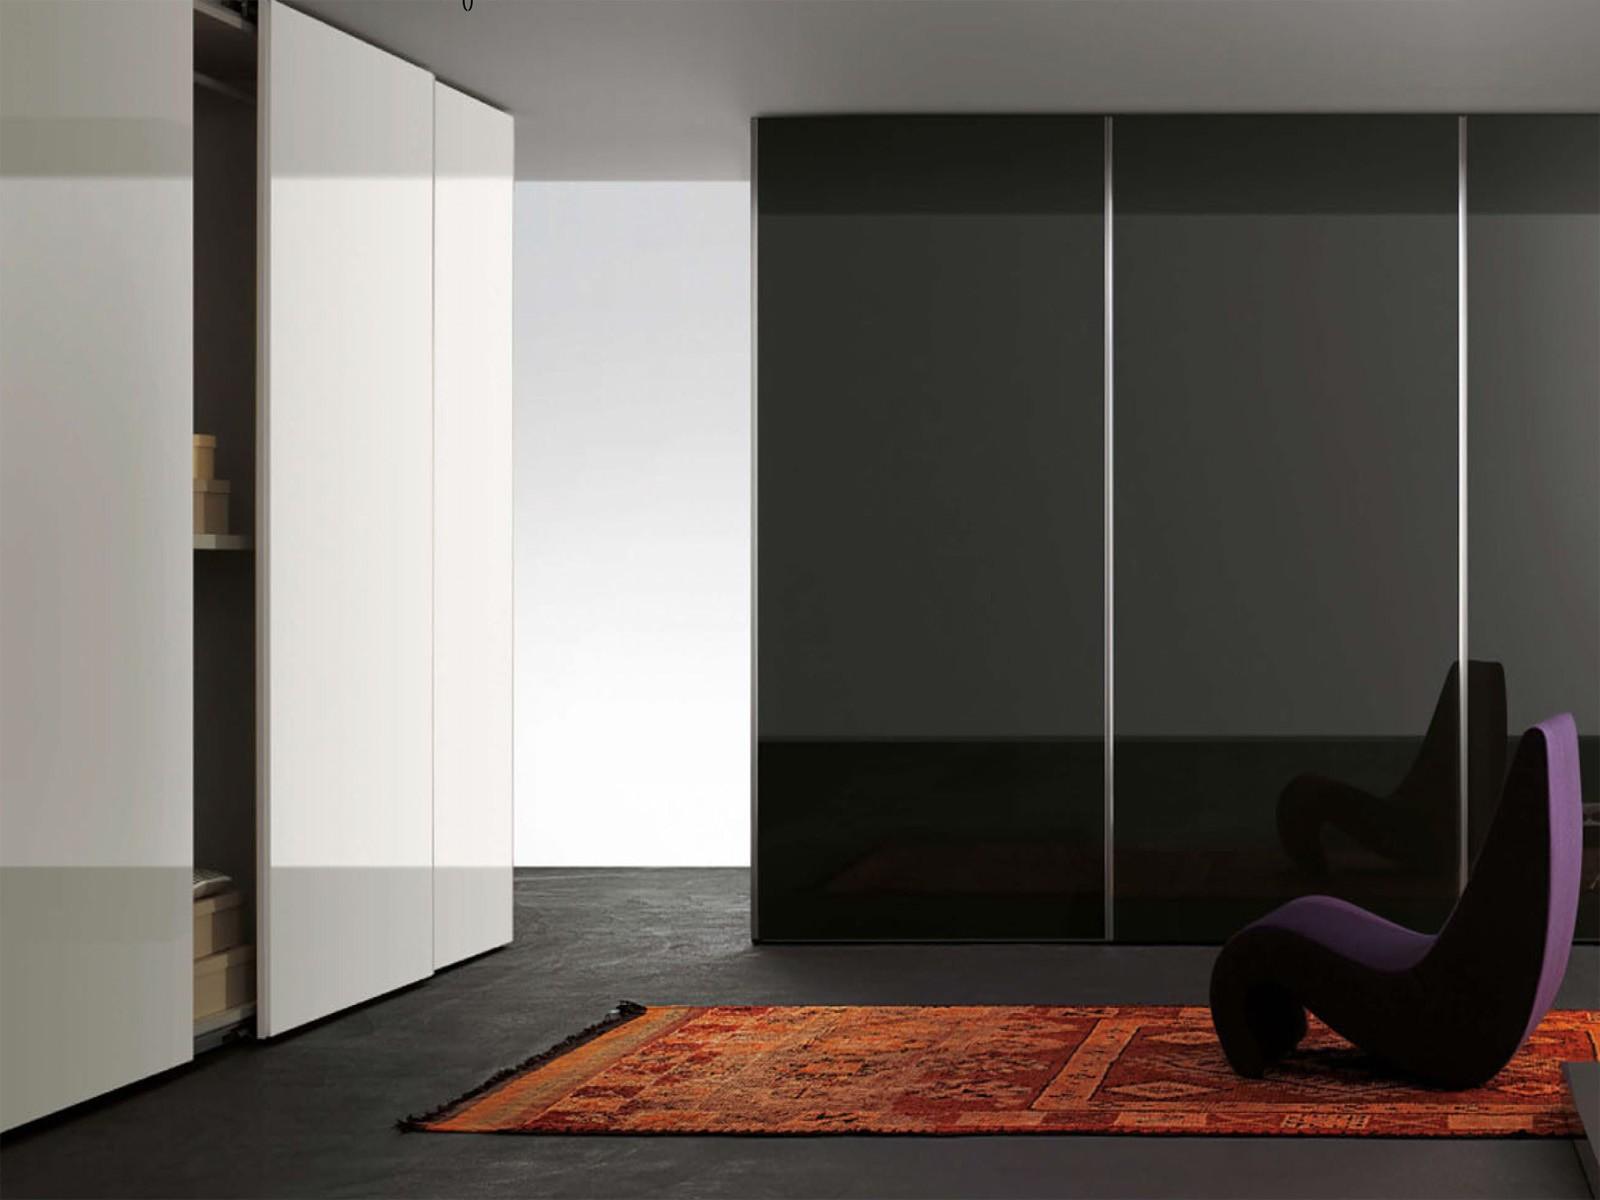 Tienda de armarios con puertas correderas en madrid for Puertas correderas madrid